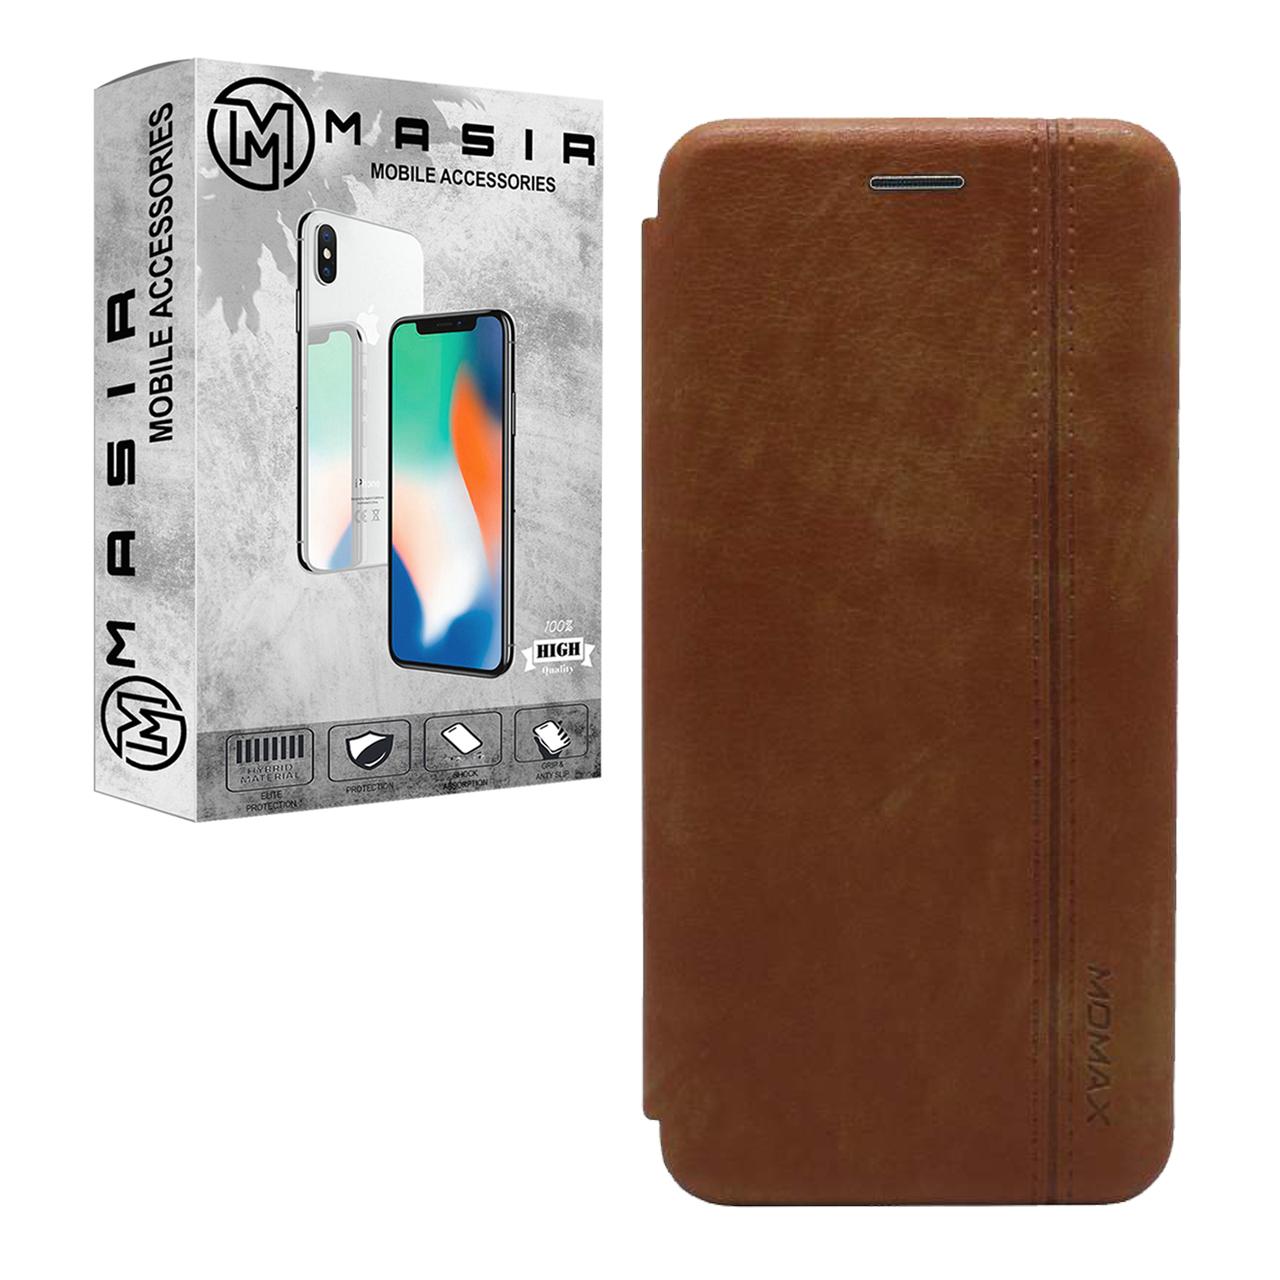 کیف کلاسوری مسیر مدل MMO-1 مناسب برای گوشی موبایل سامسونگ Galaxy j4